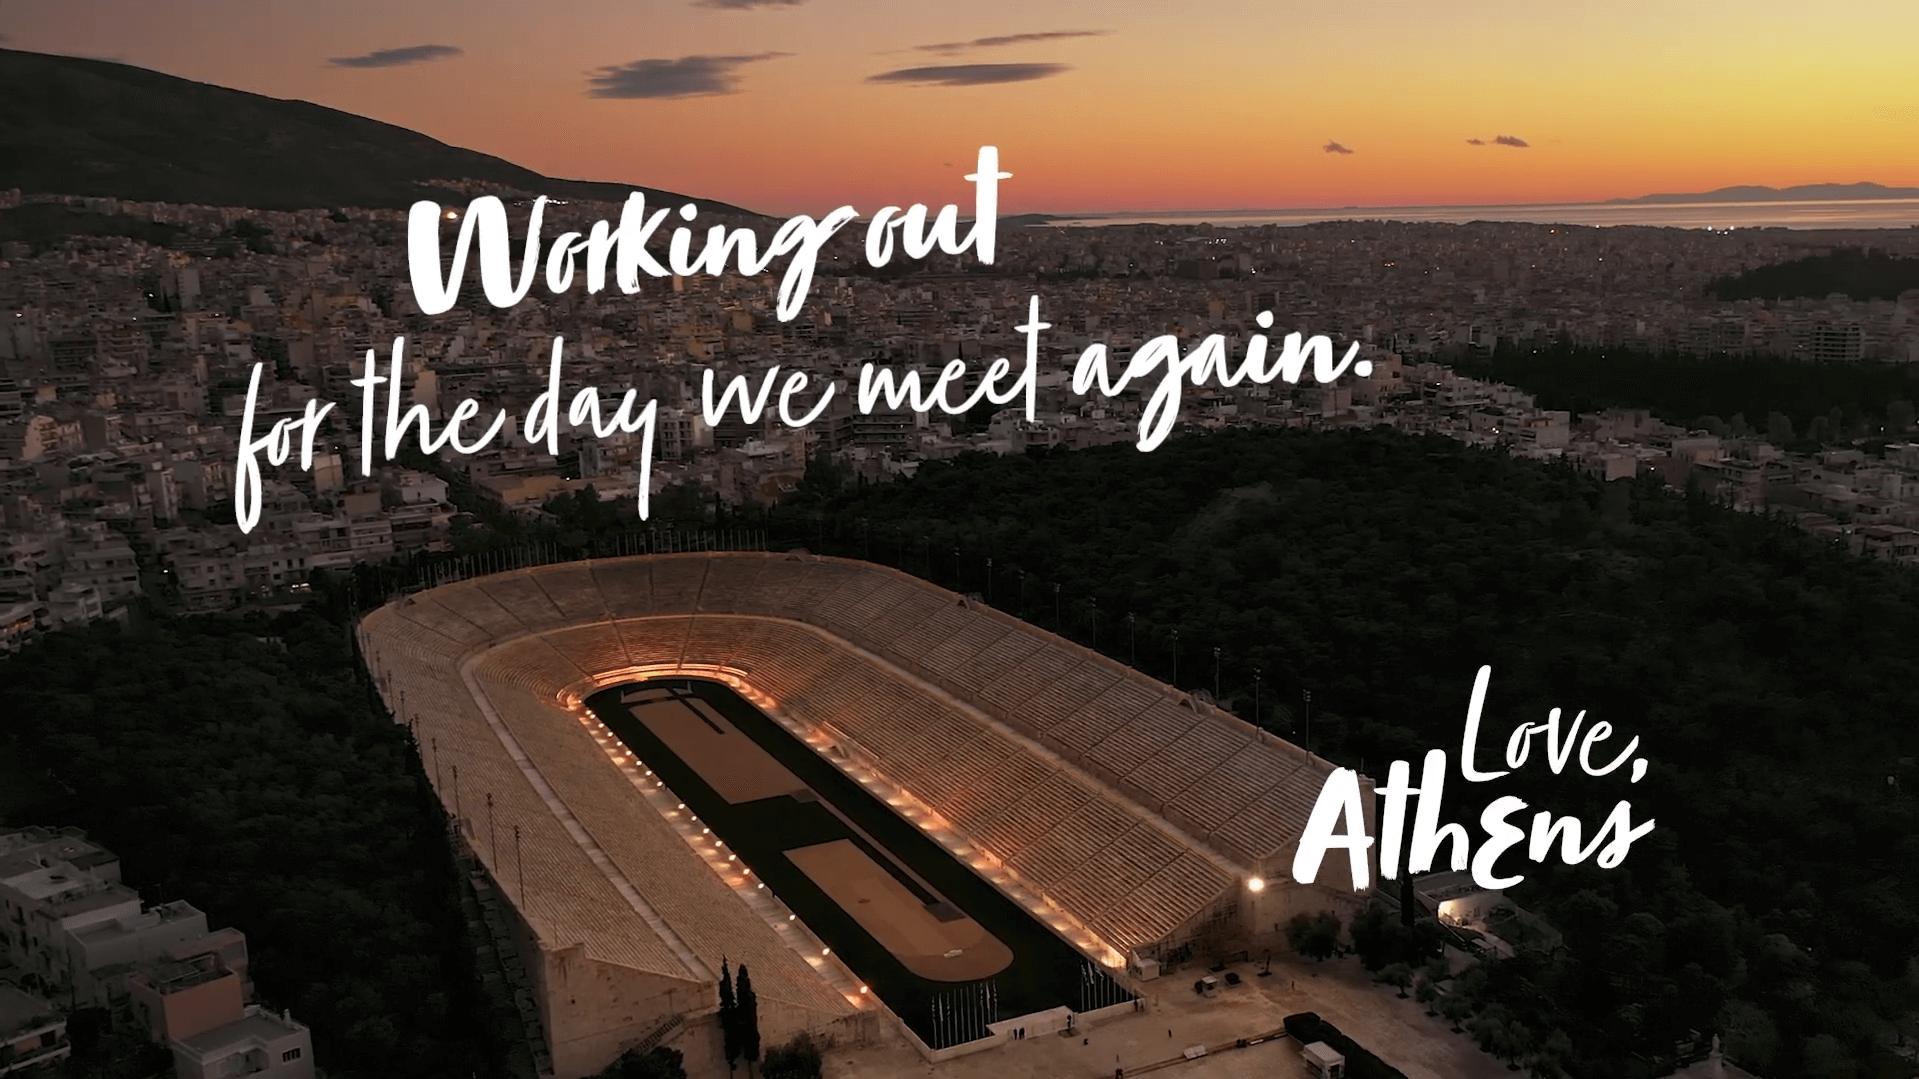 «Μέχρι να συναντηθούμε ξανά…»: Η νέα ψηφιακή καμπάνια για την Αθήνα εν μέσω lockdown